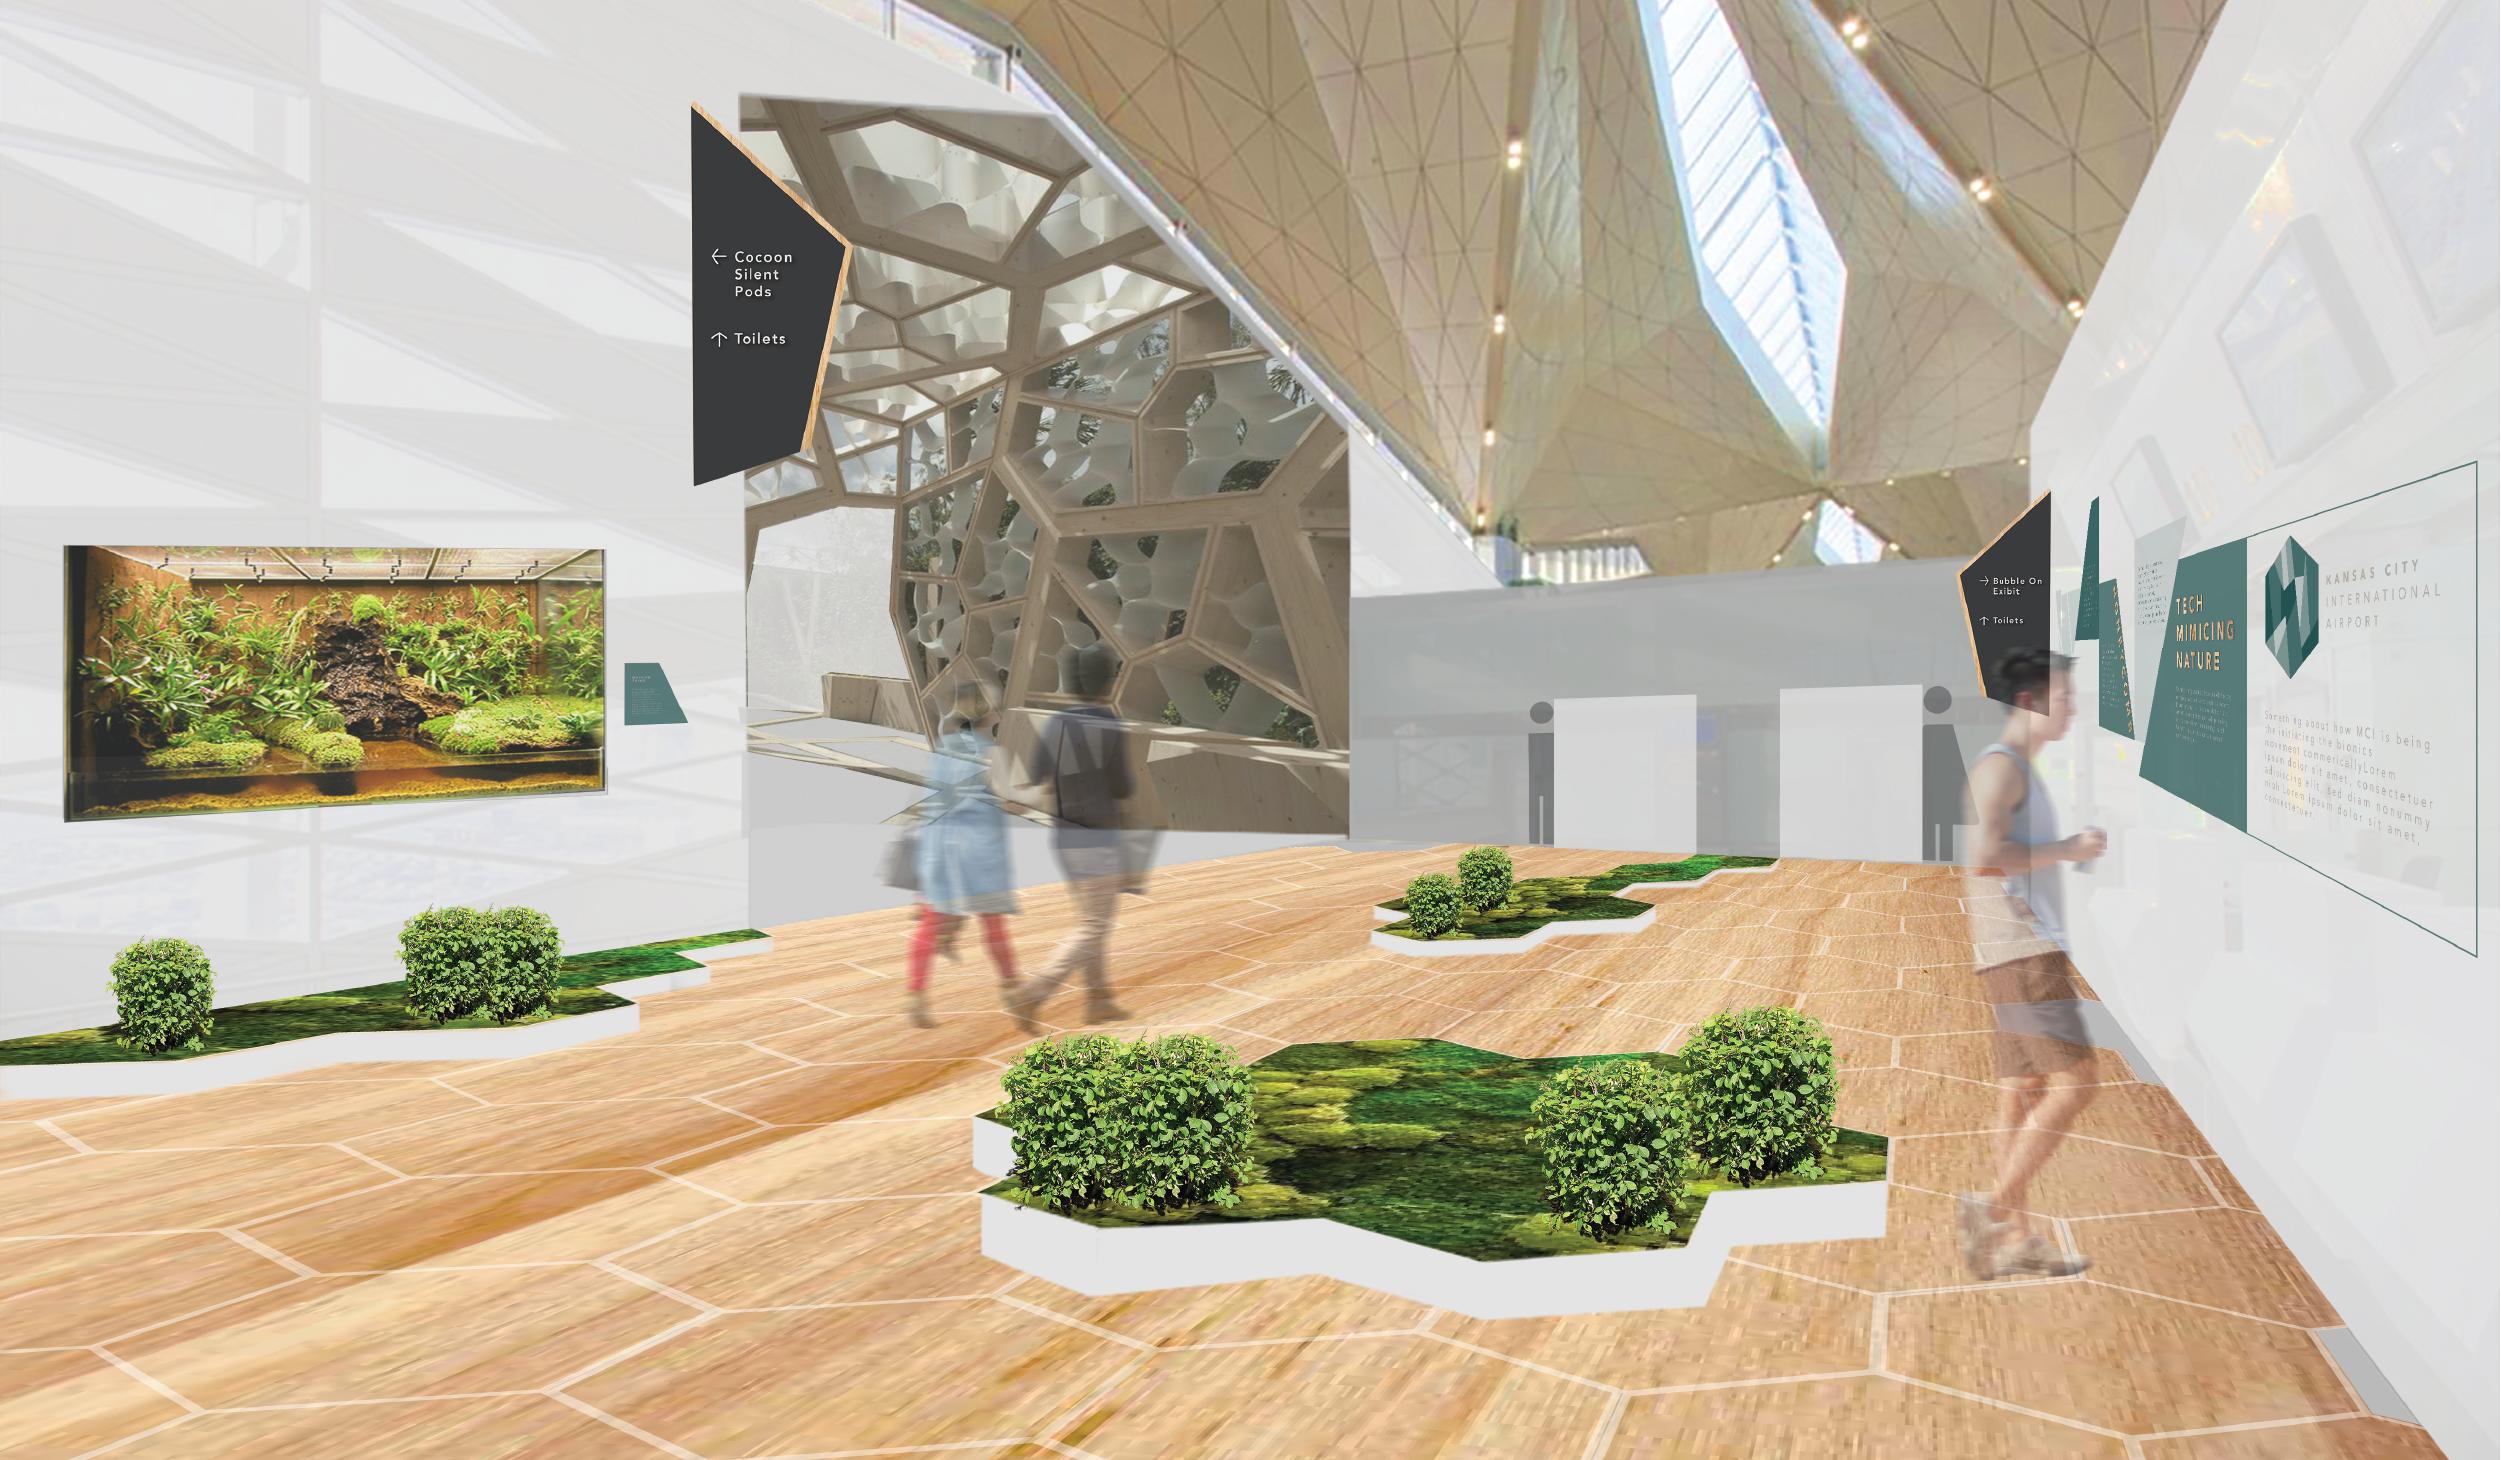 architecture rendering interior of airport museum